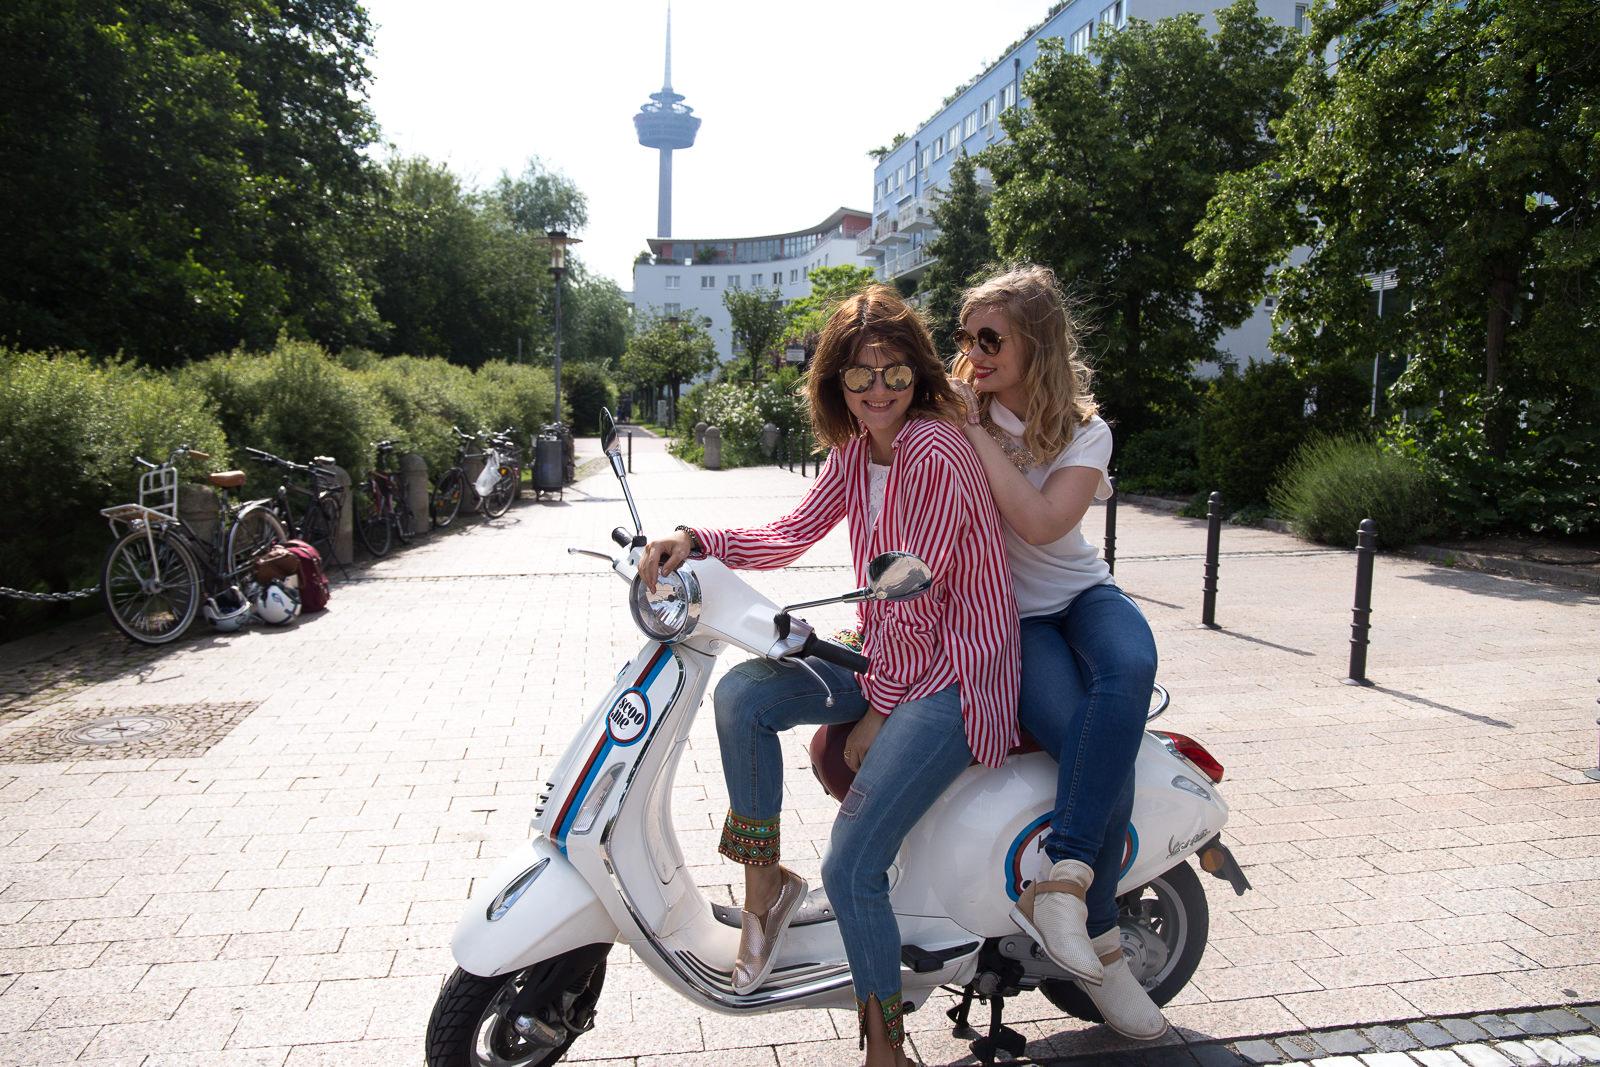 Vespa fahren in Köln – Freundinnentag mit scoo.me